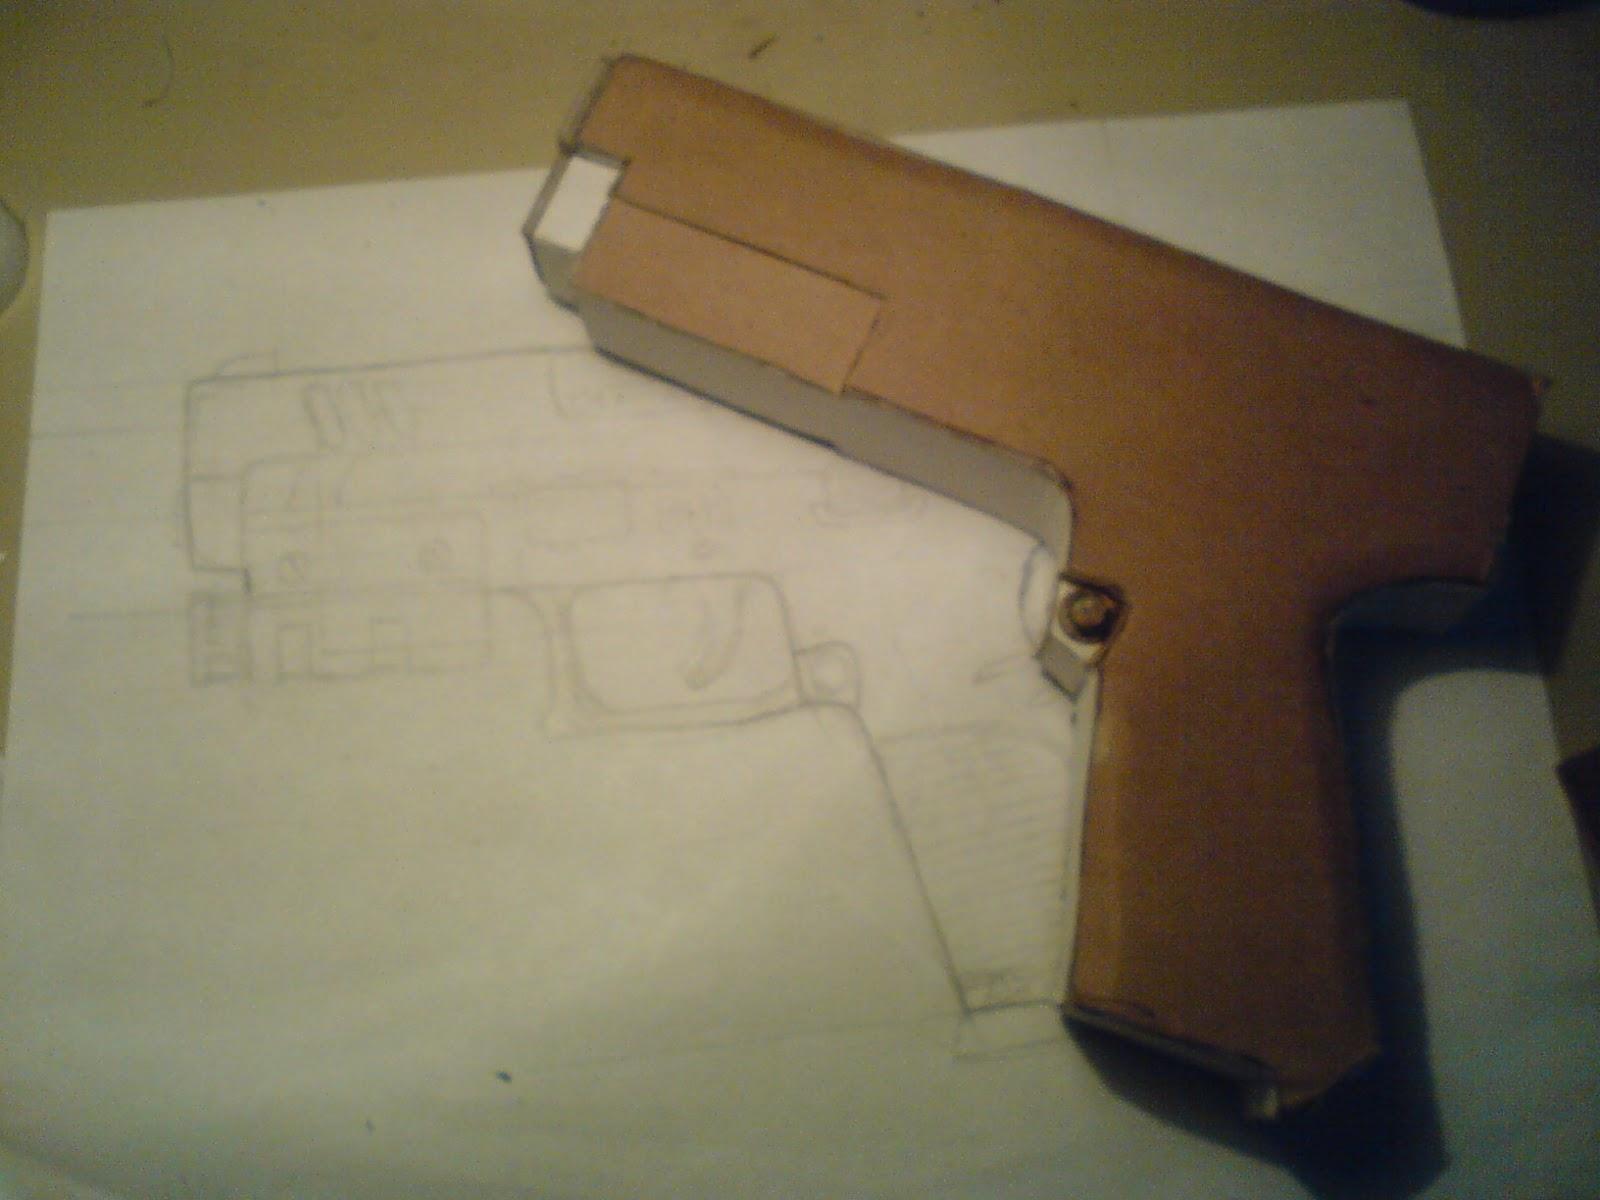 Pistola Blacktail - Resident Evil DSC04419